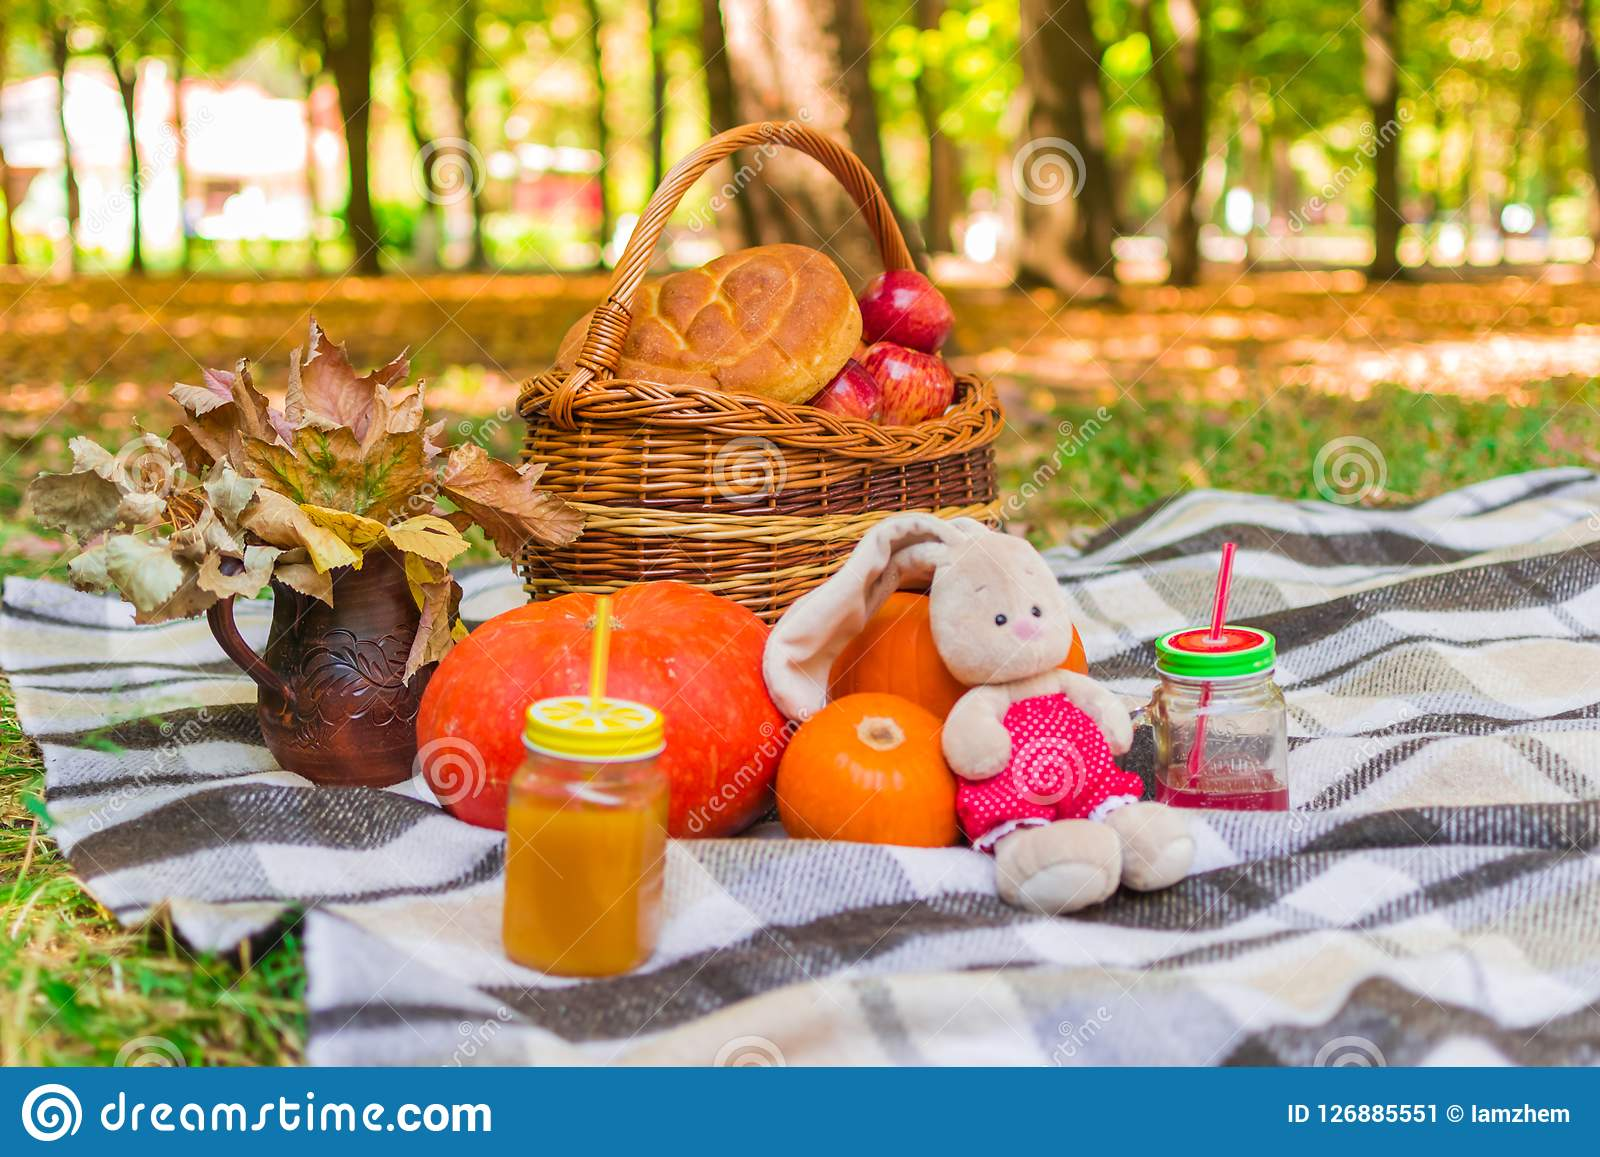 Pinkin w naturze łozinowy kosz na szkockiej kraty szkockiej kracie wokoło żółtego ulistnienia, napojów, bani i jabłek, bochenek c